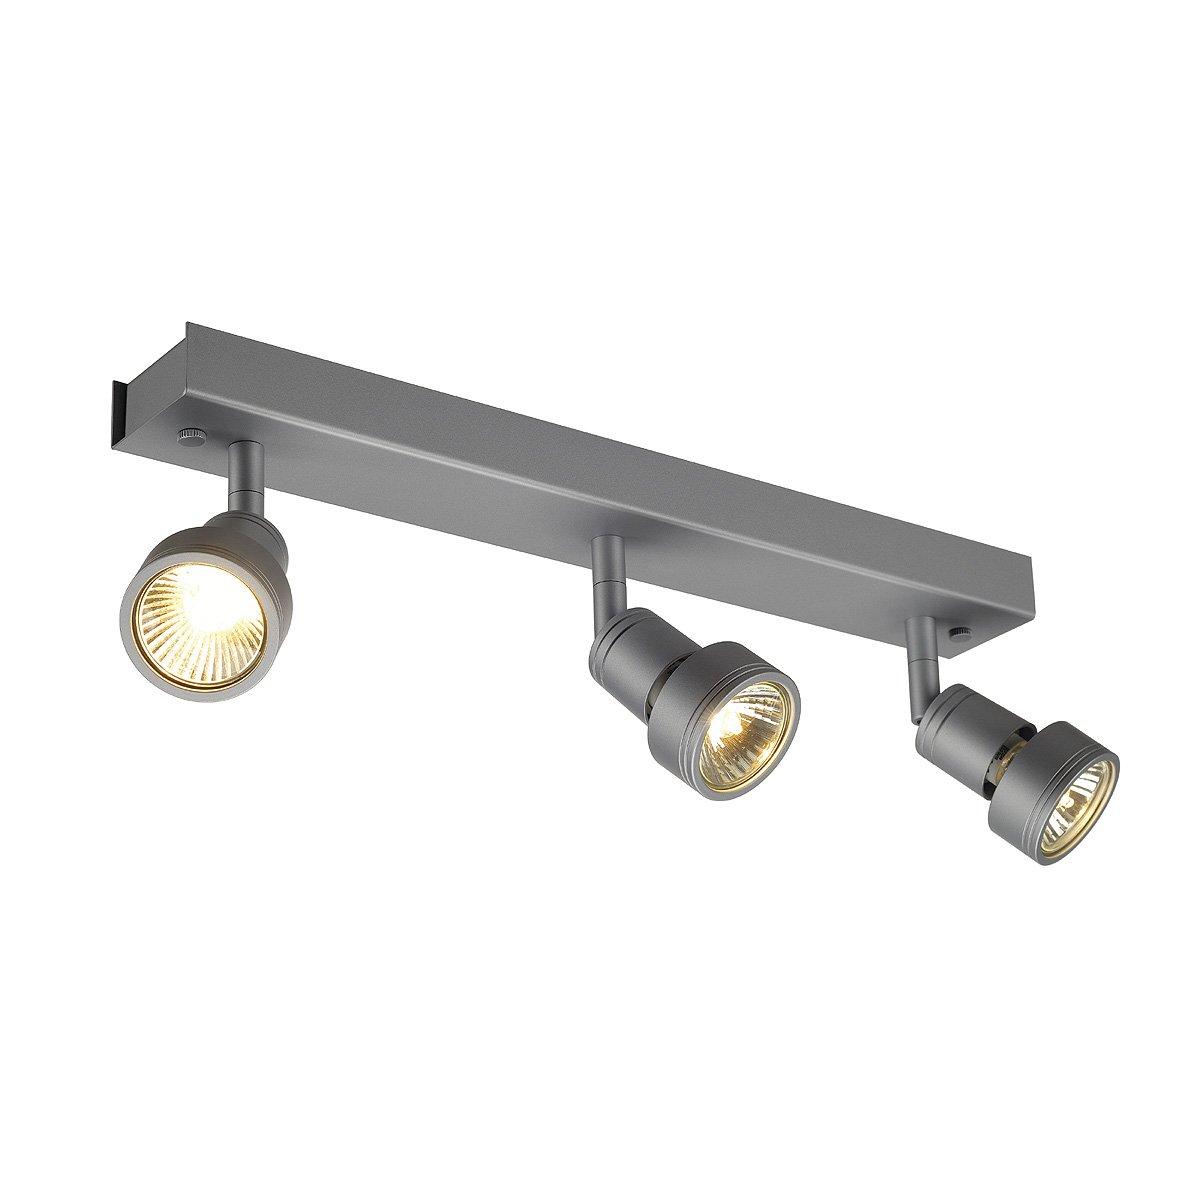 Slv Spot Salle De Bain ~ slv spot aluminium silber gu10 1w 230v amazon fr luminaires et